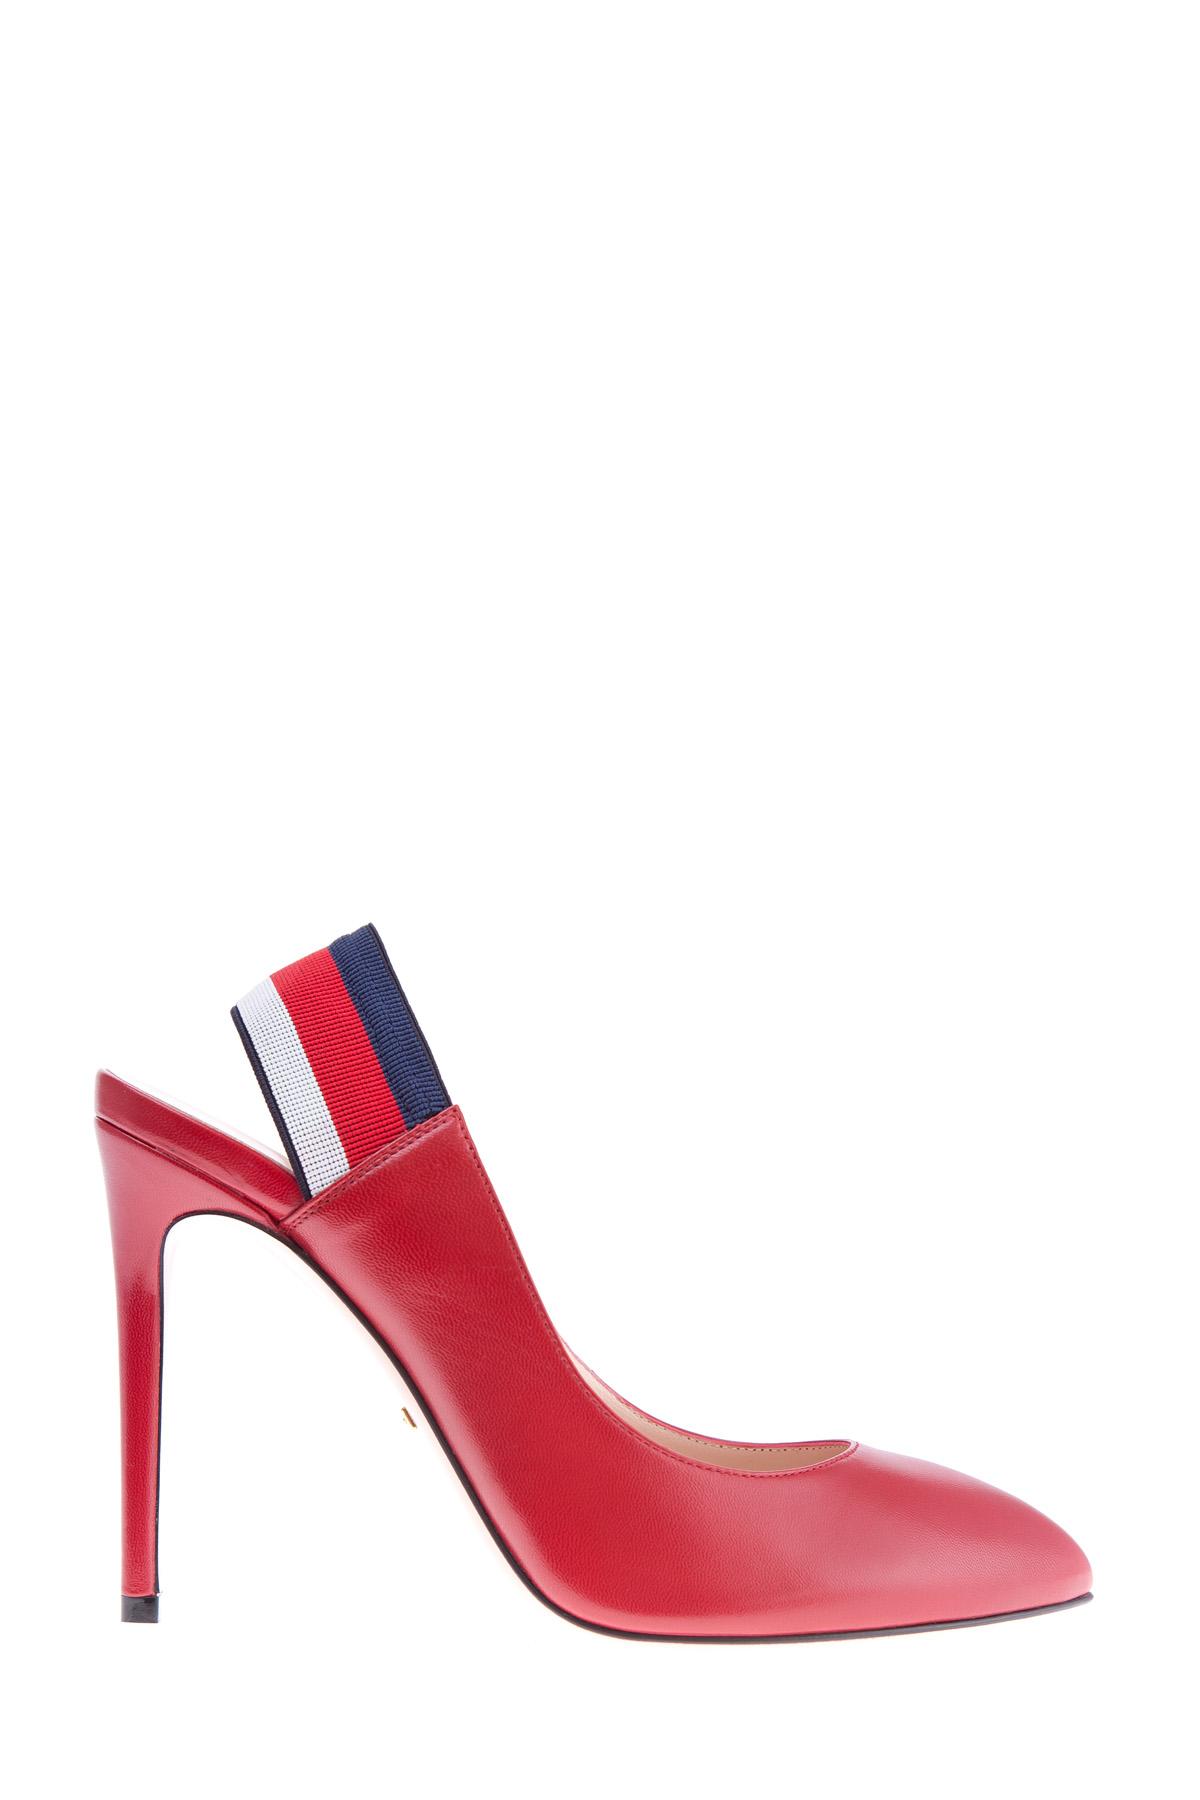 Купить Яркие туфли с эластичной вставкой на заднике в гамме Sylvie Web, GUCCI, Италия, кожа 100%